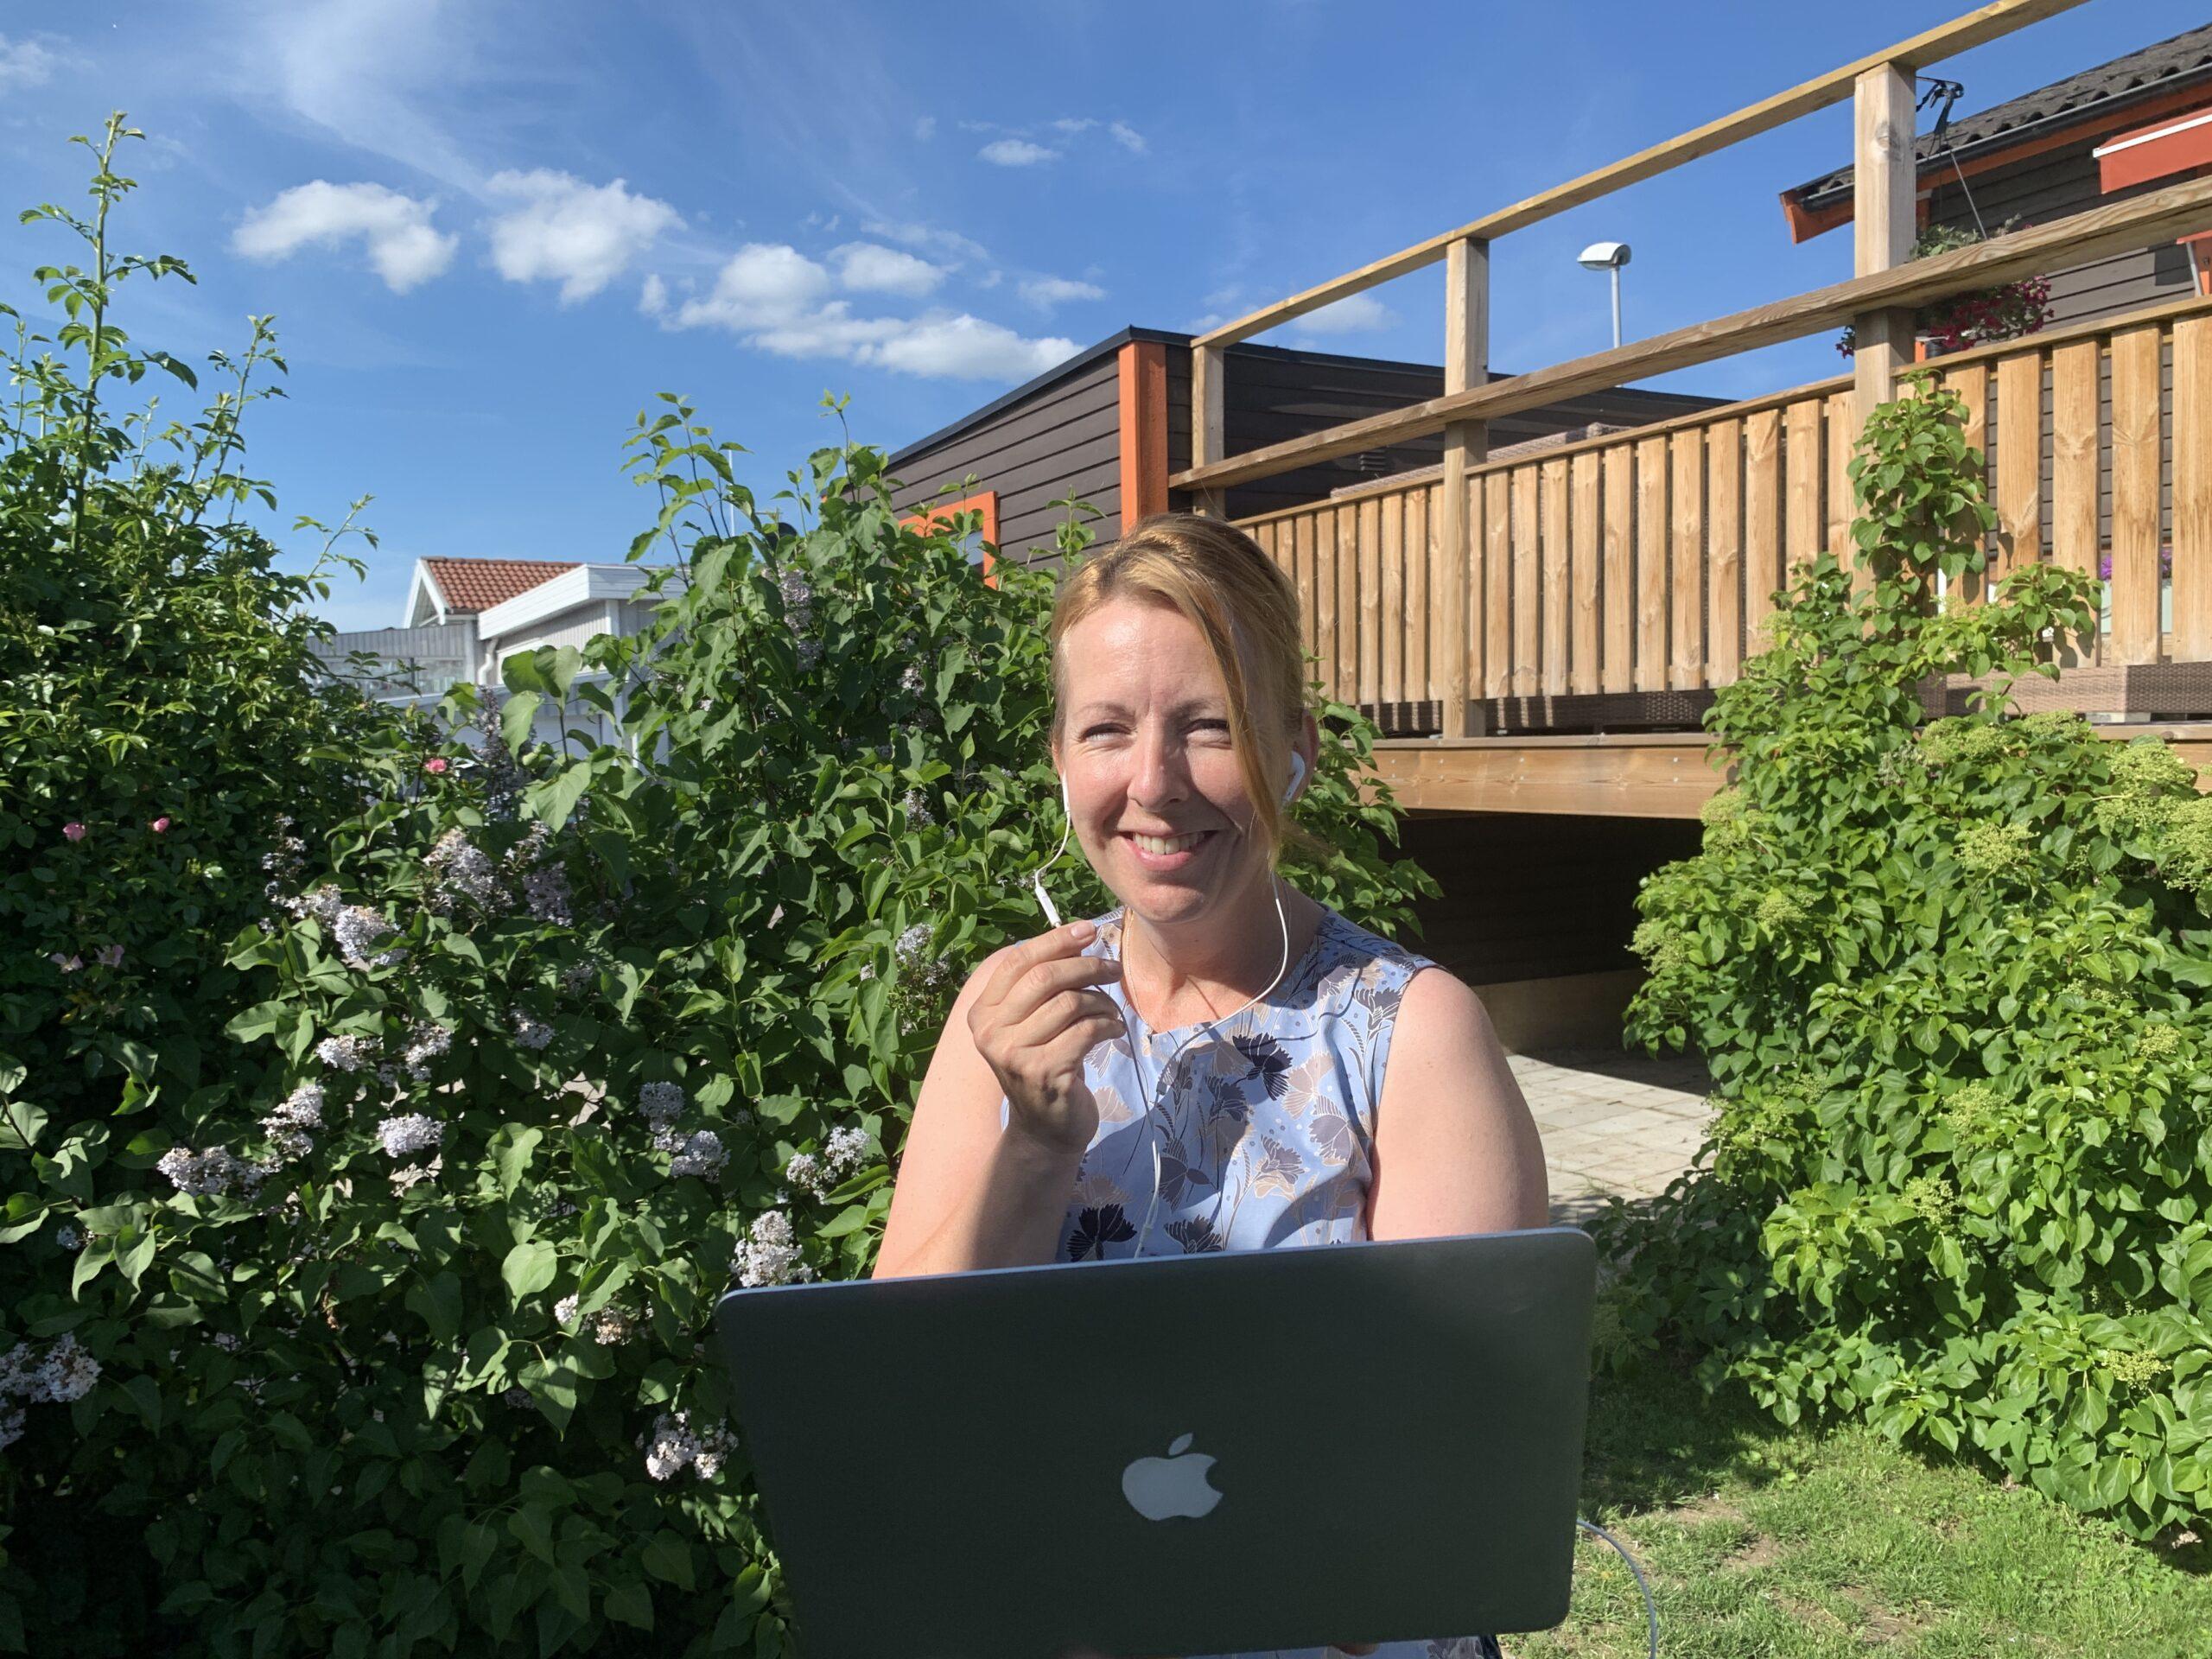 Malin står i en grönskande trädgård med laptop i handen och pratar i sitt headset.